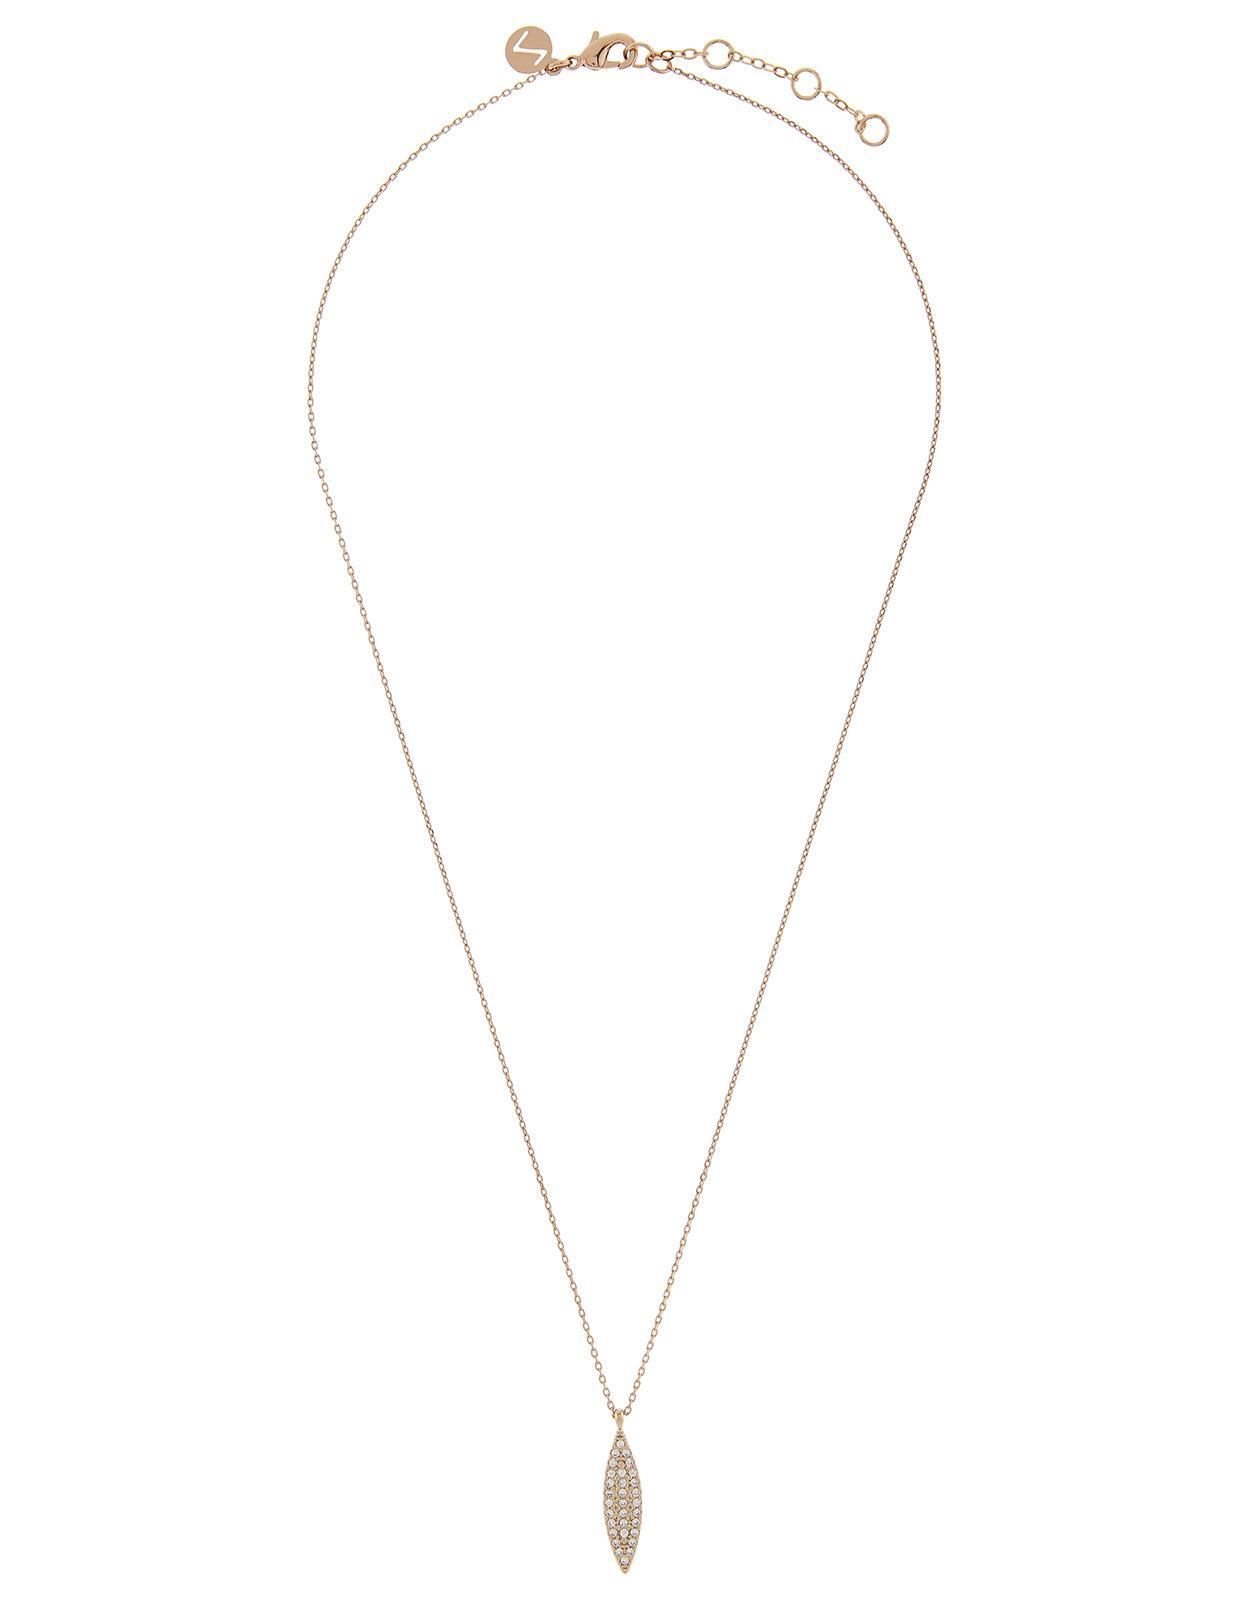 Accessorize Elise Teardrop Pendant Necklace in Rose Gold (Metallic)